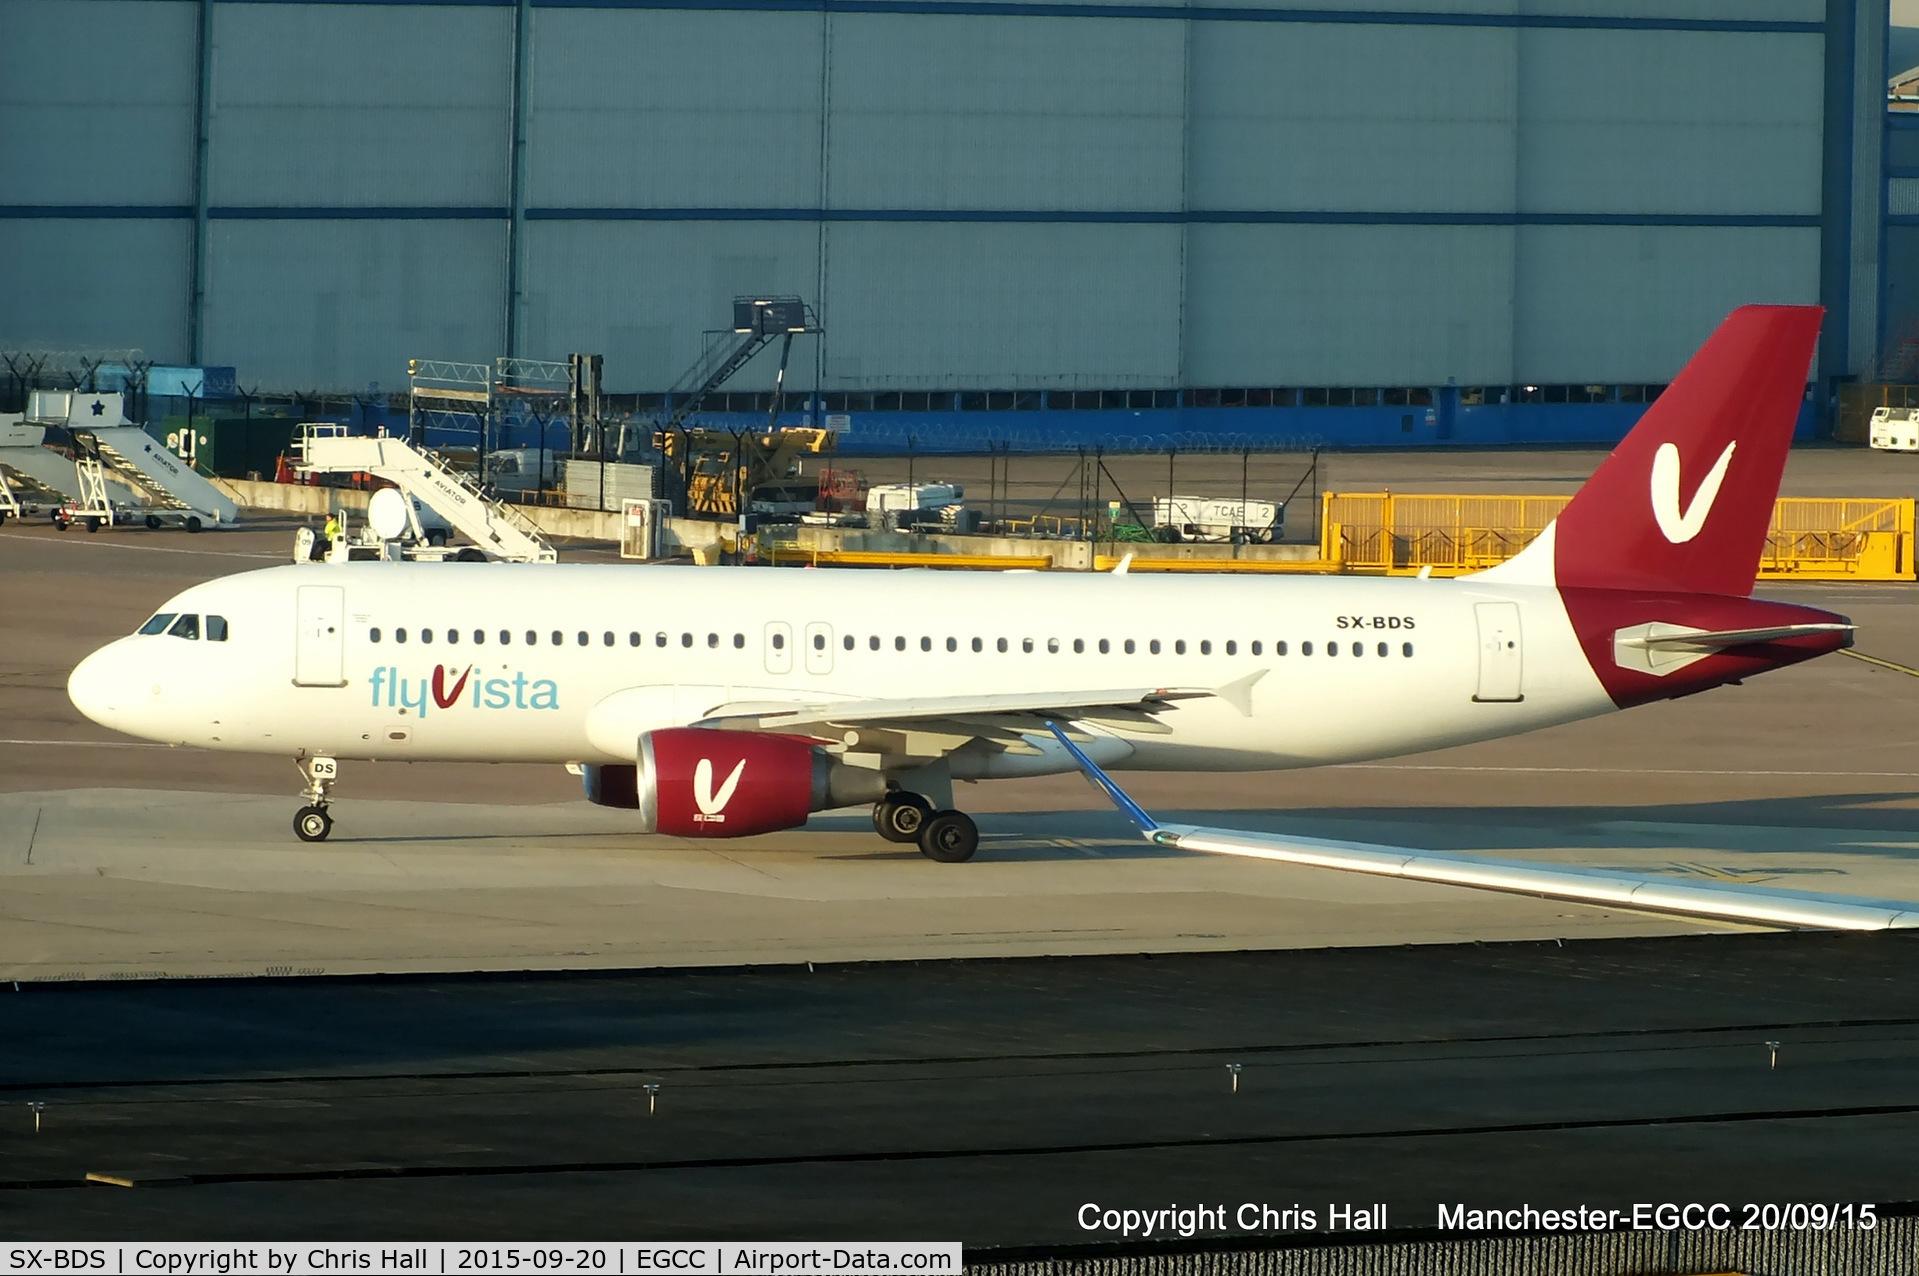 SX-BDS, 1998 Airbus A320-214 C/N 0879, Aerovista